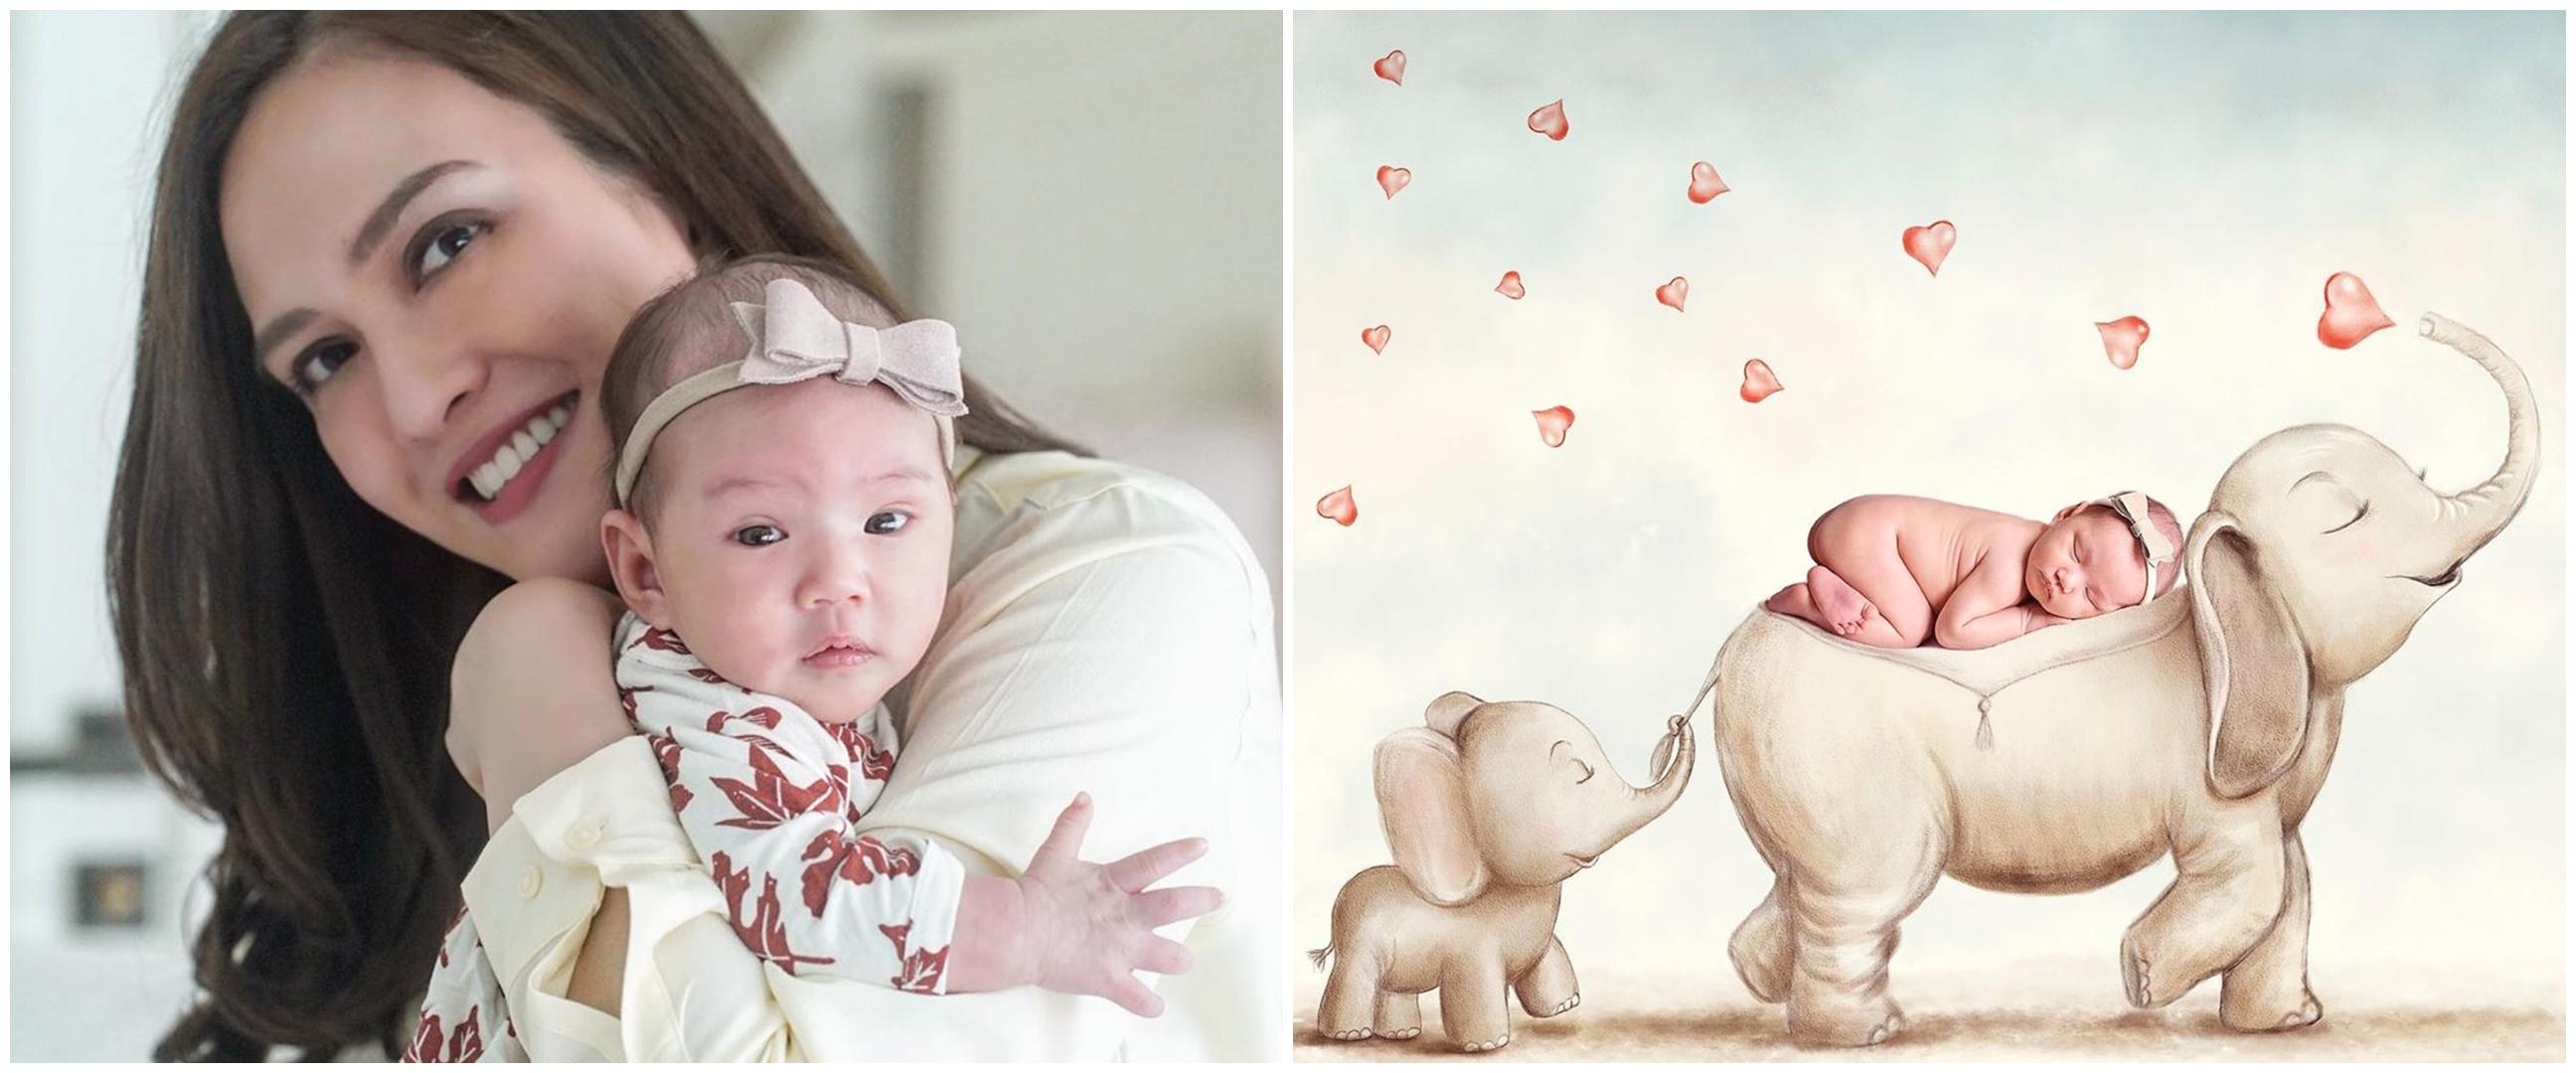 8 Potret newborn putri Shandy Aulia, gabungkan lukisan & foto